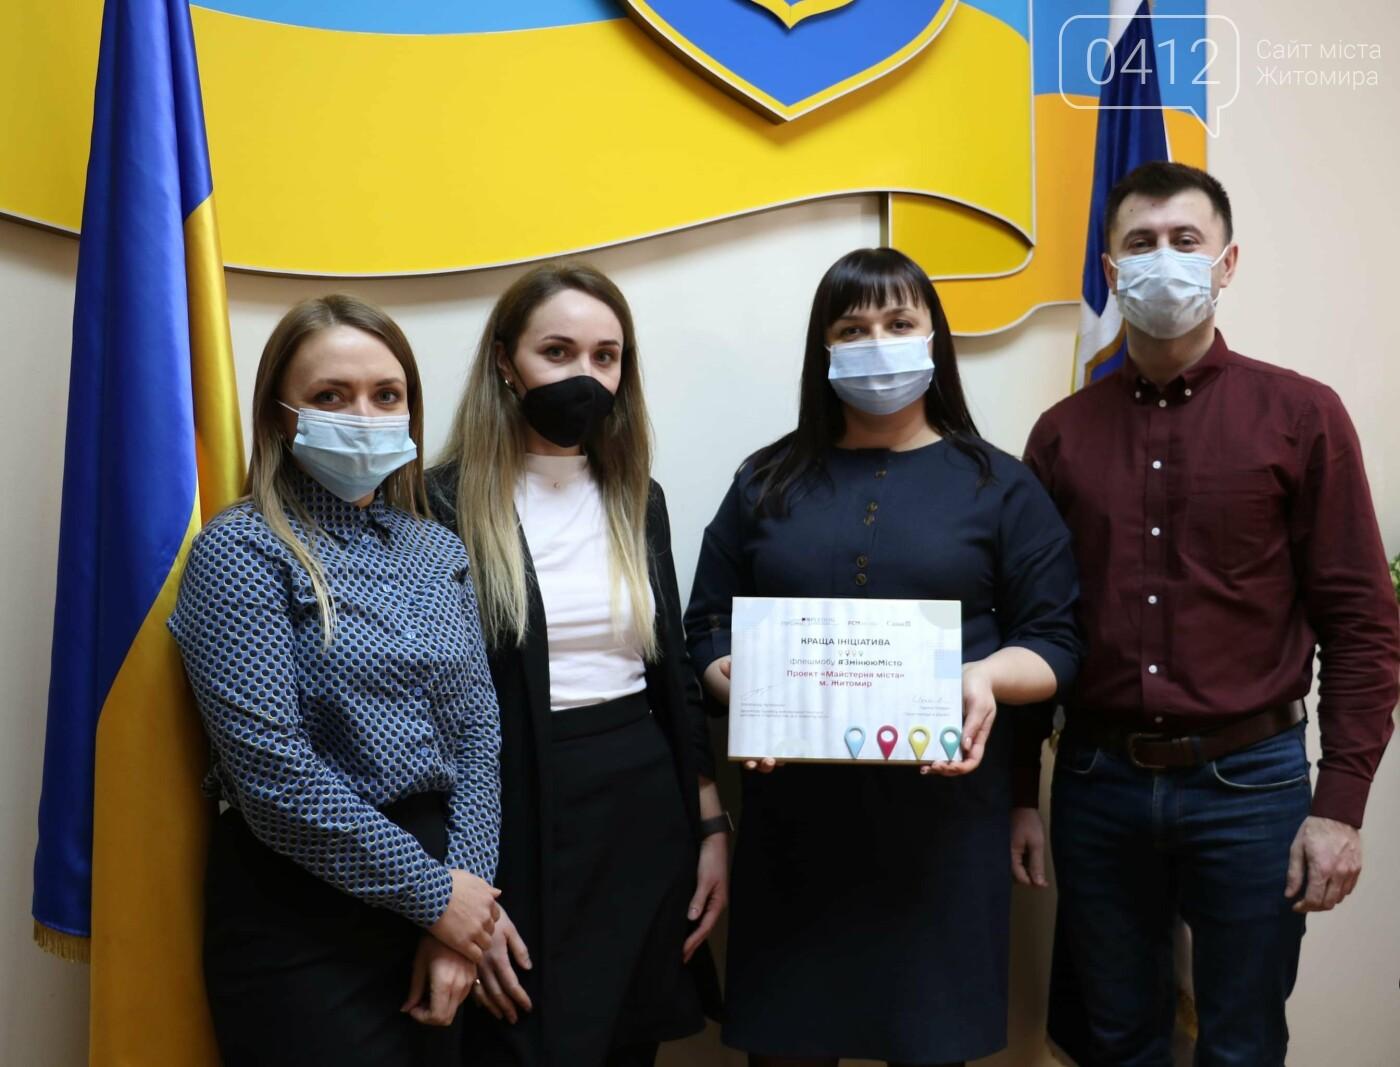 Житомир отримав відзнаку «Краща ініціатива» всеукраїнського флешмобу «Змінюю Місто», фото-4